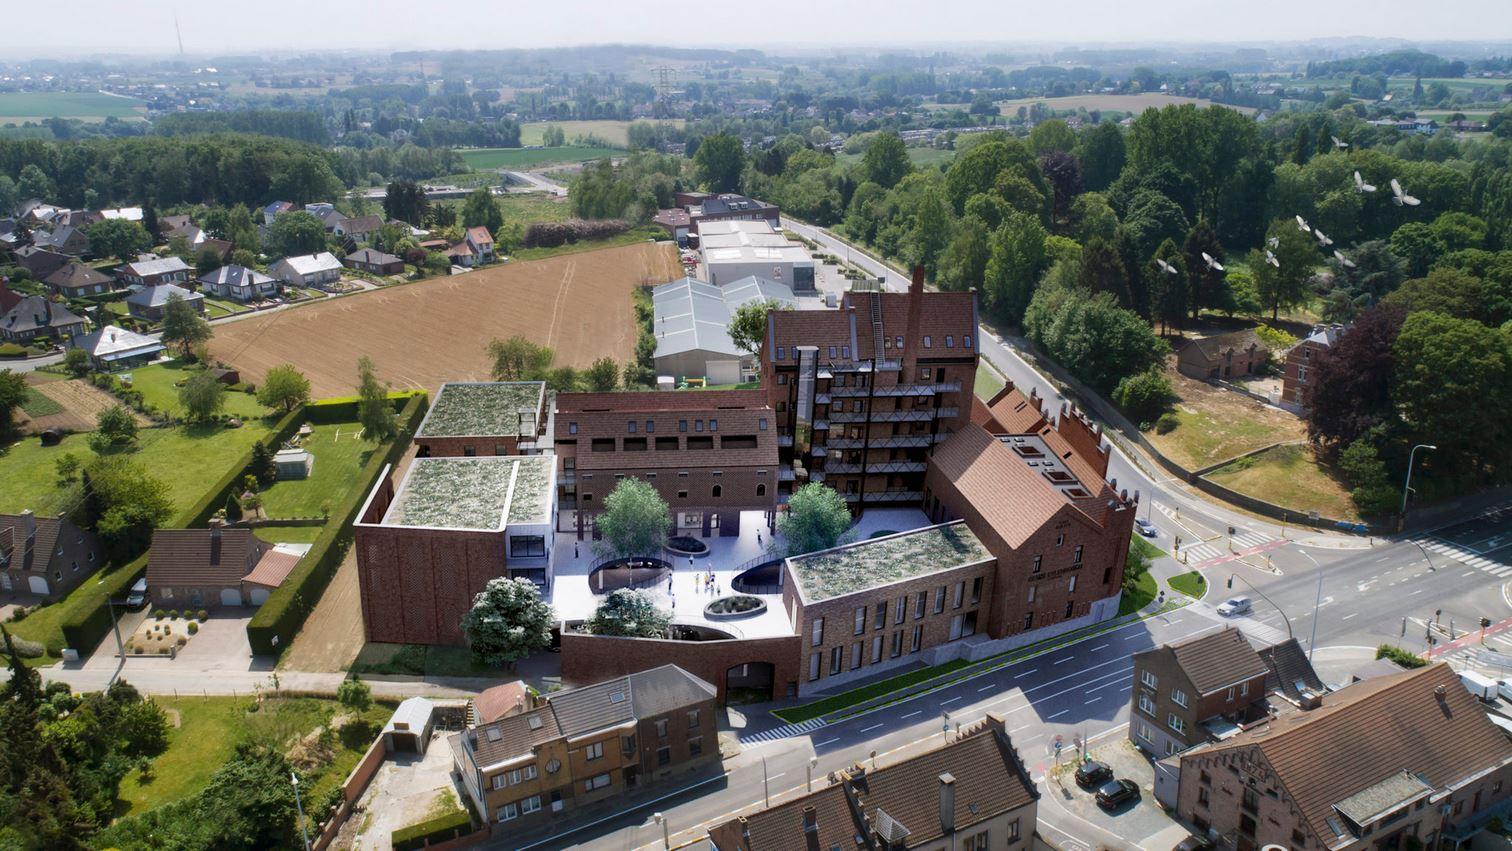 Ruwbouwploeg aan de slag in Eylenbosch